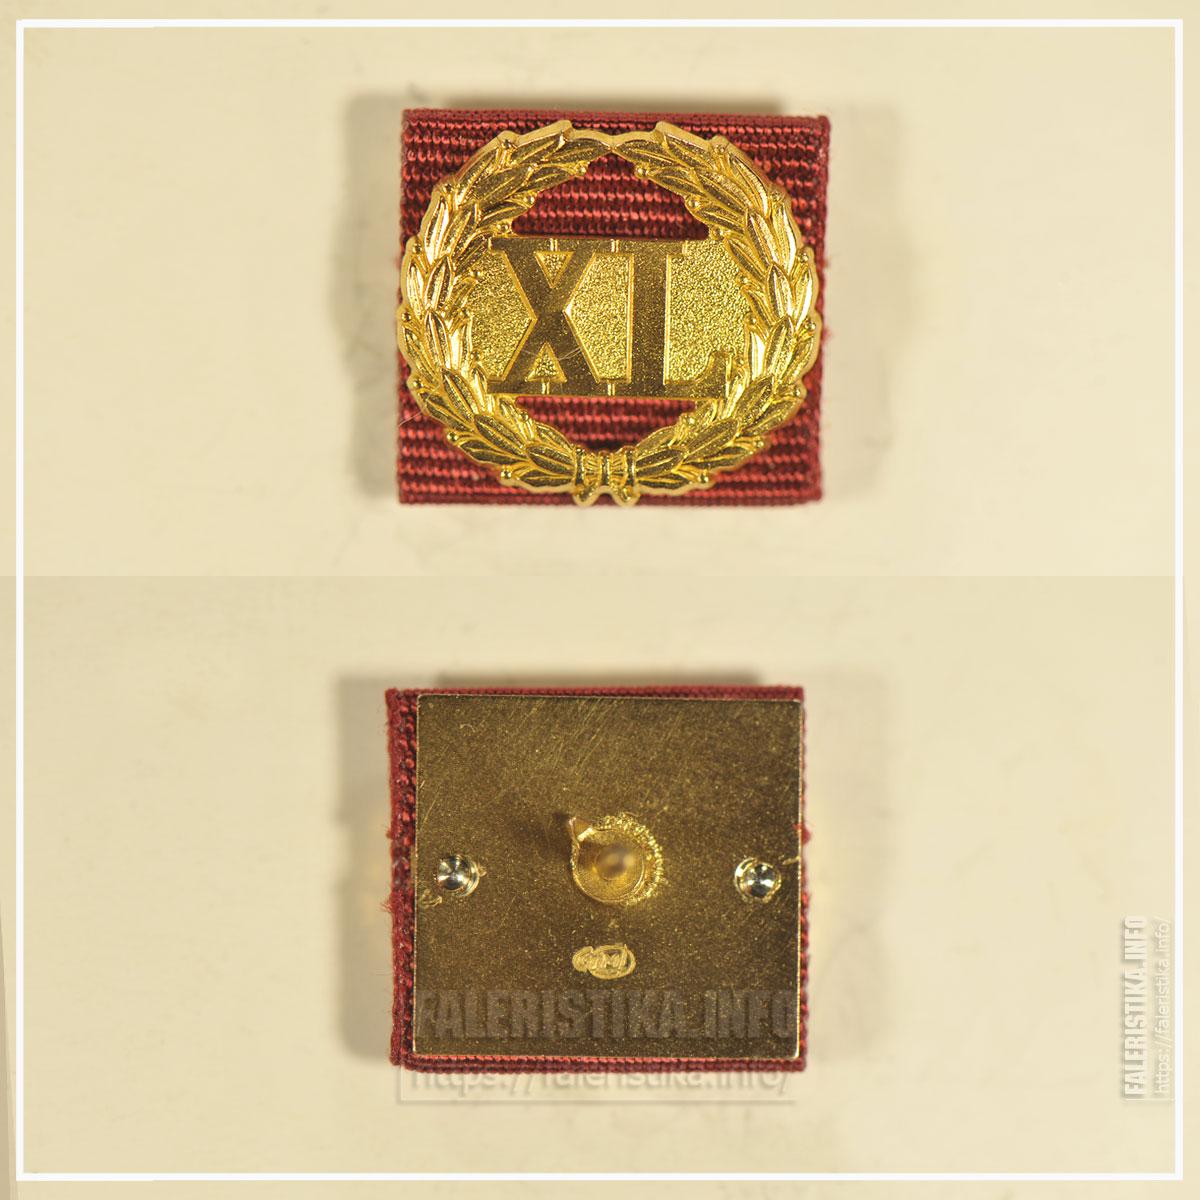 Знак отличия «За безупречную службу» XL (лет) (для гражданских служащих). Миниатюрная копия знака (фрачник). Санкт-Петербургский монетный двор